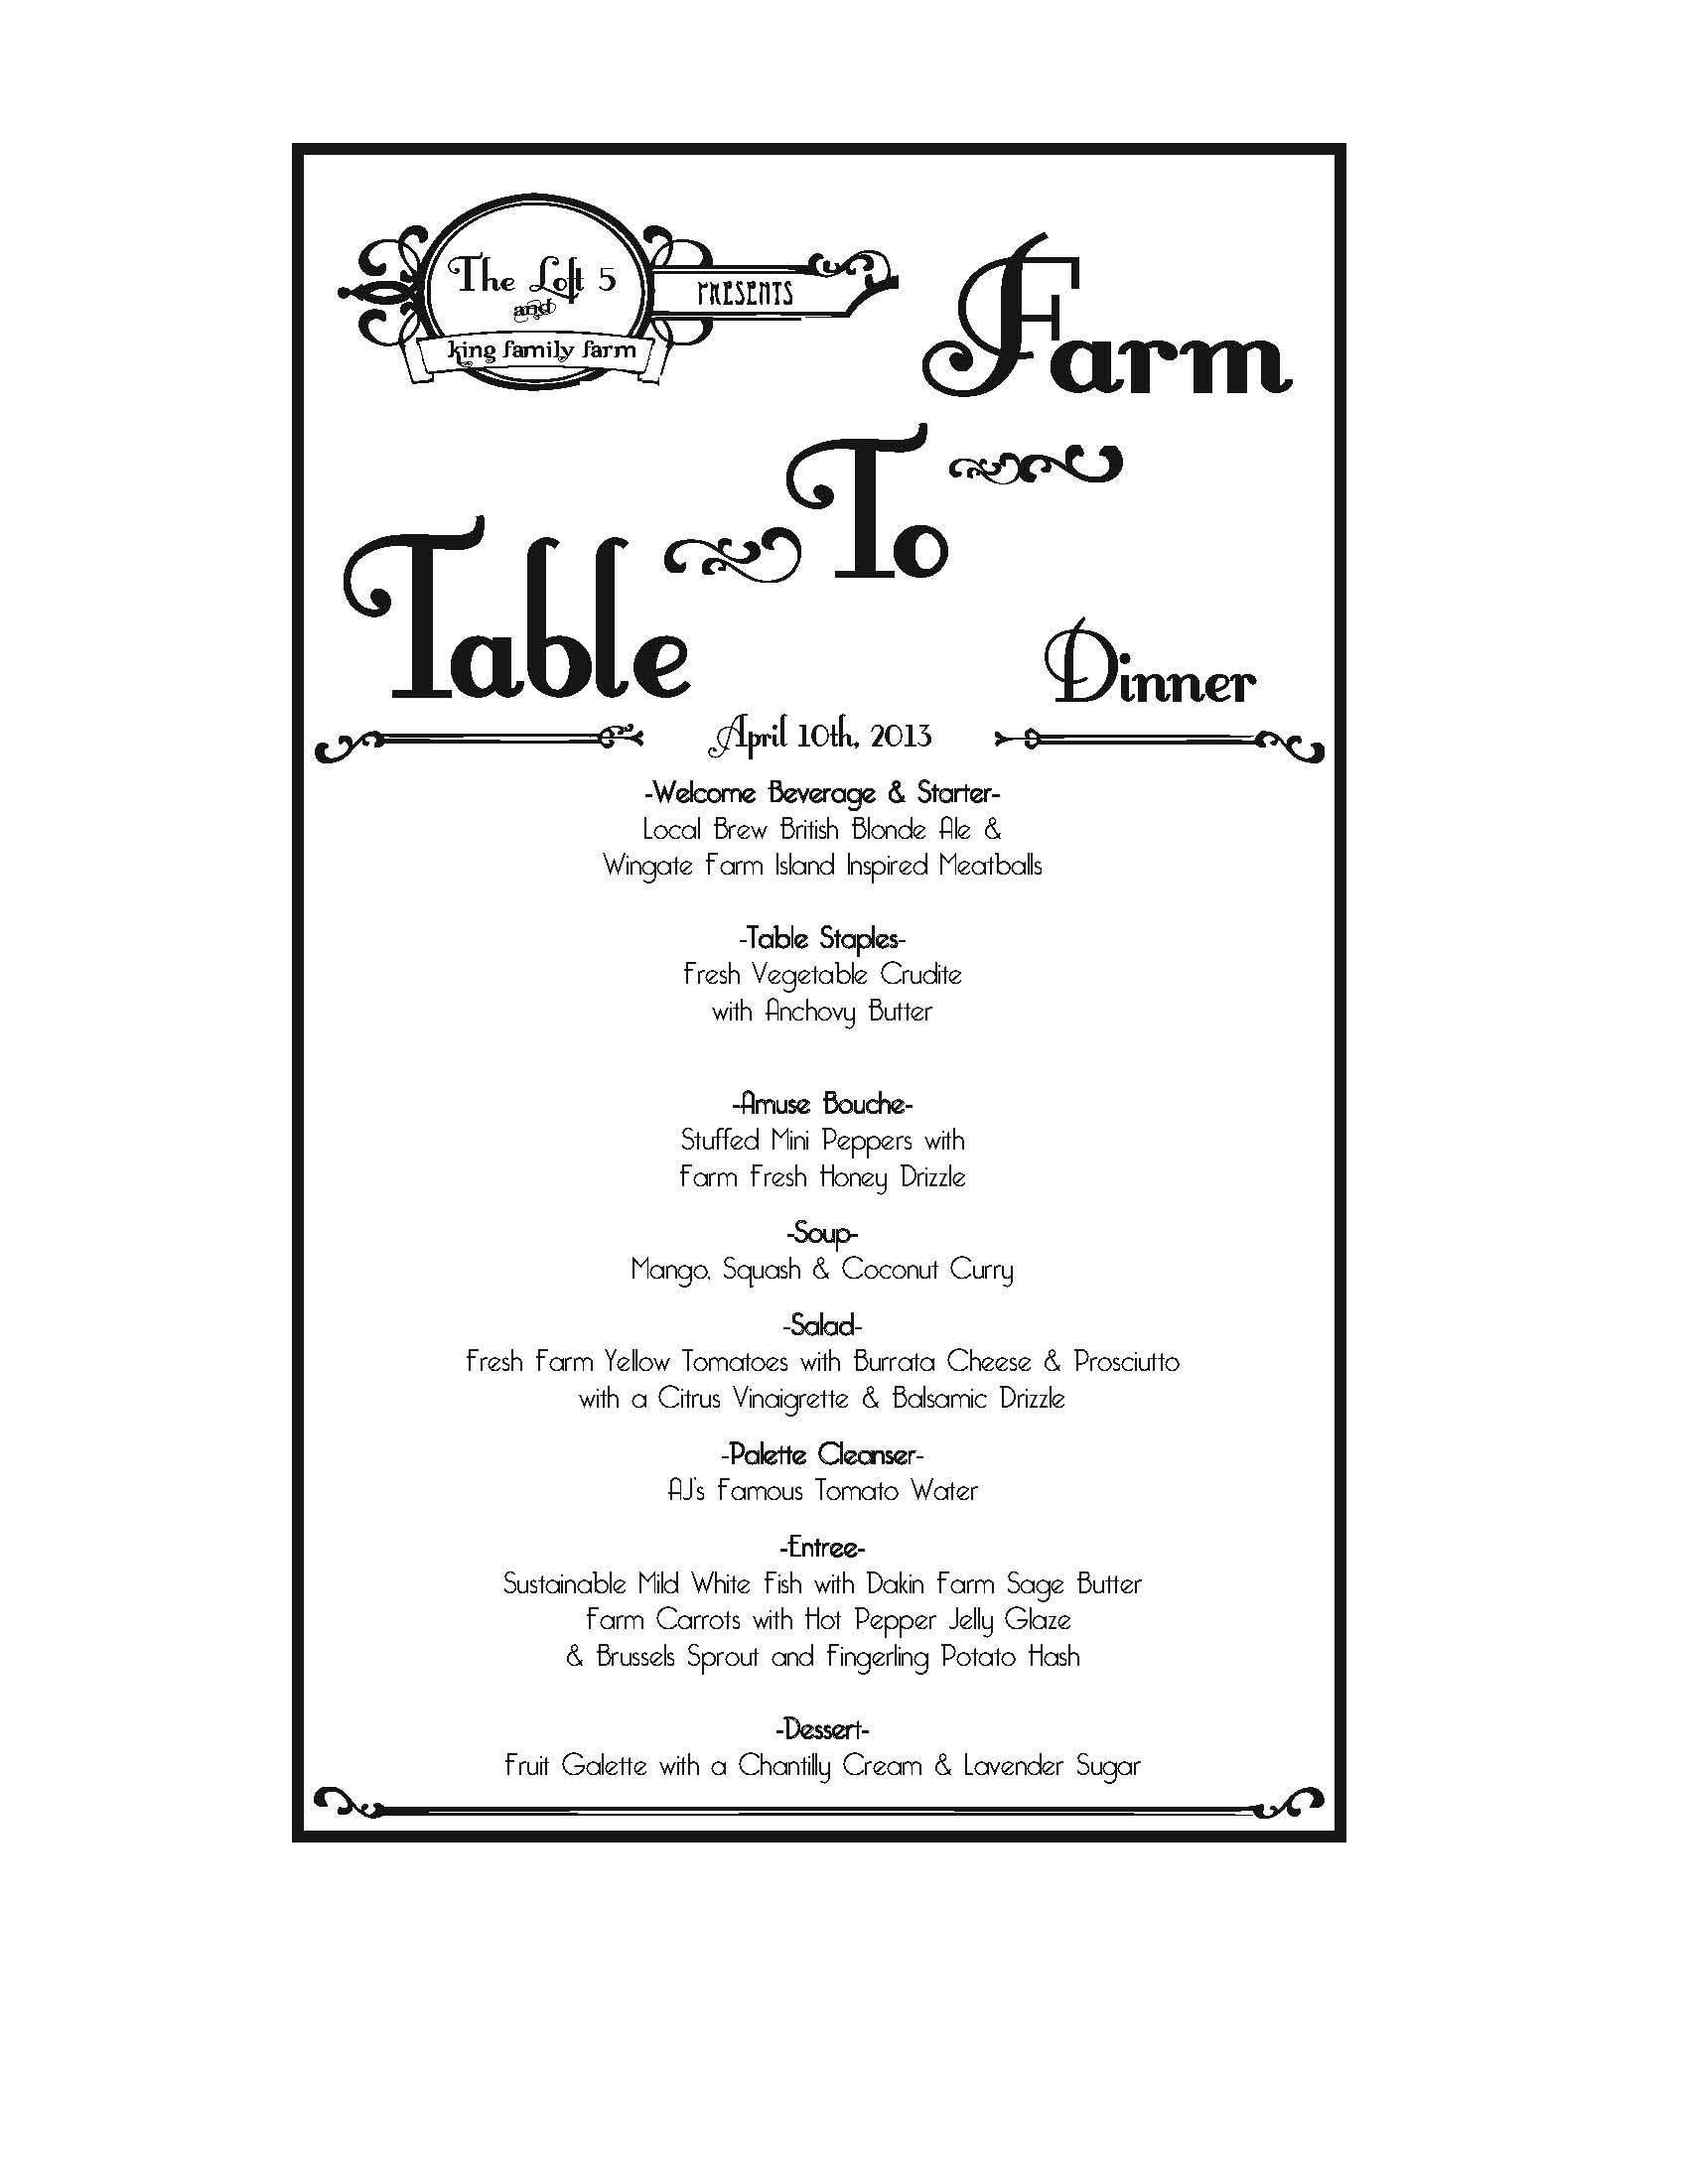 Table To Farm Menu 4.10.13.jpg